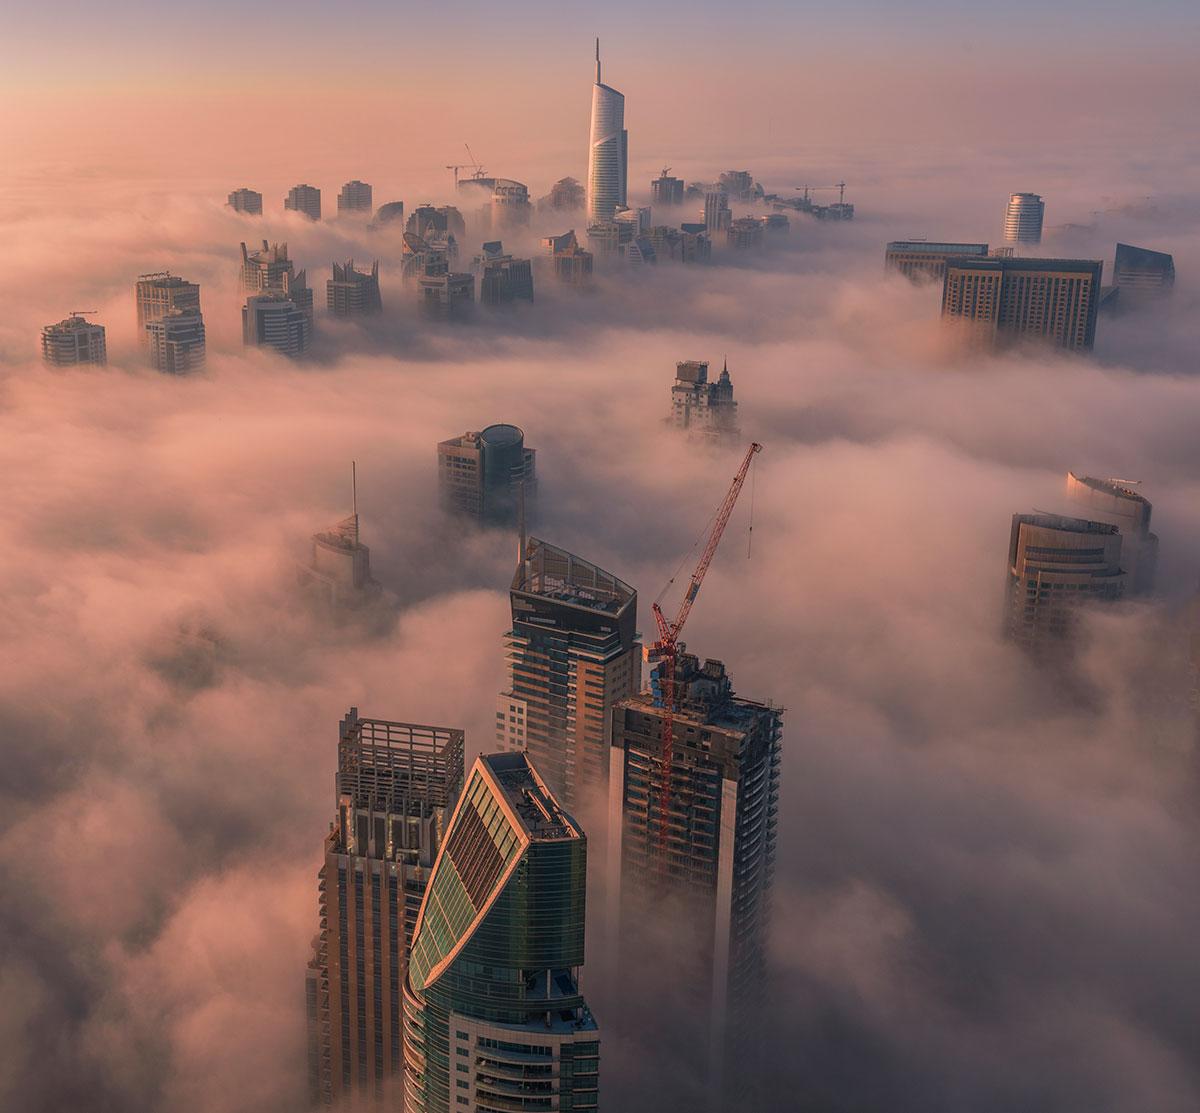 Dubai Marina fog image